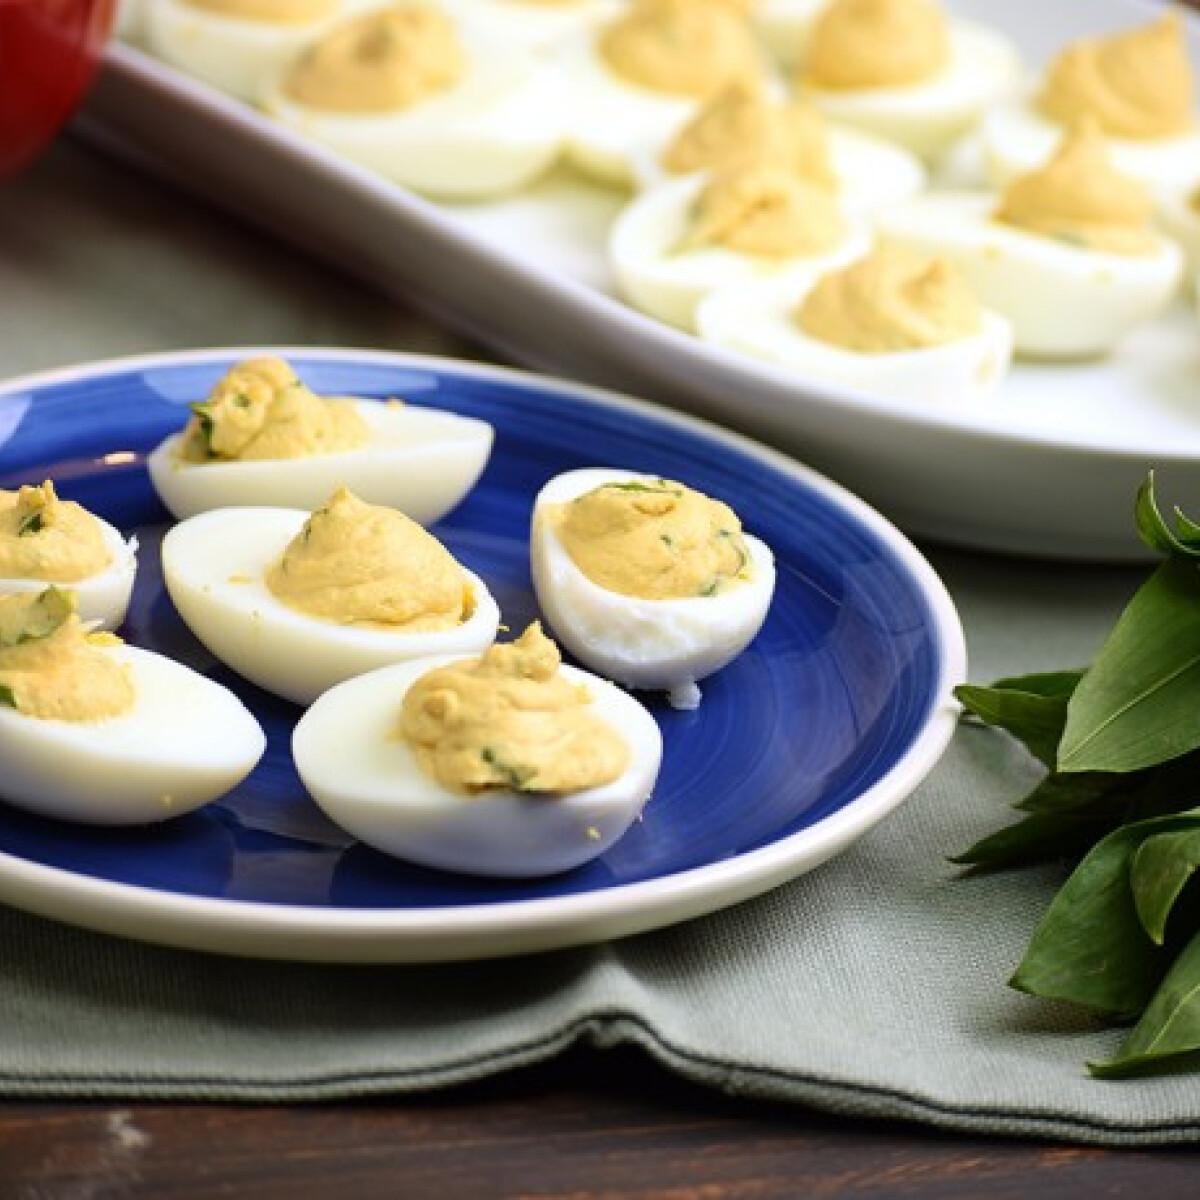 Ezen a képen: Medvehagymával töltött tojás